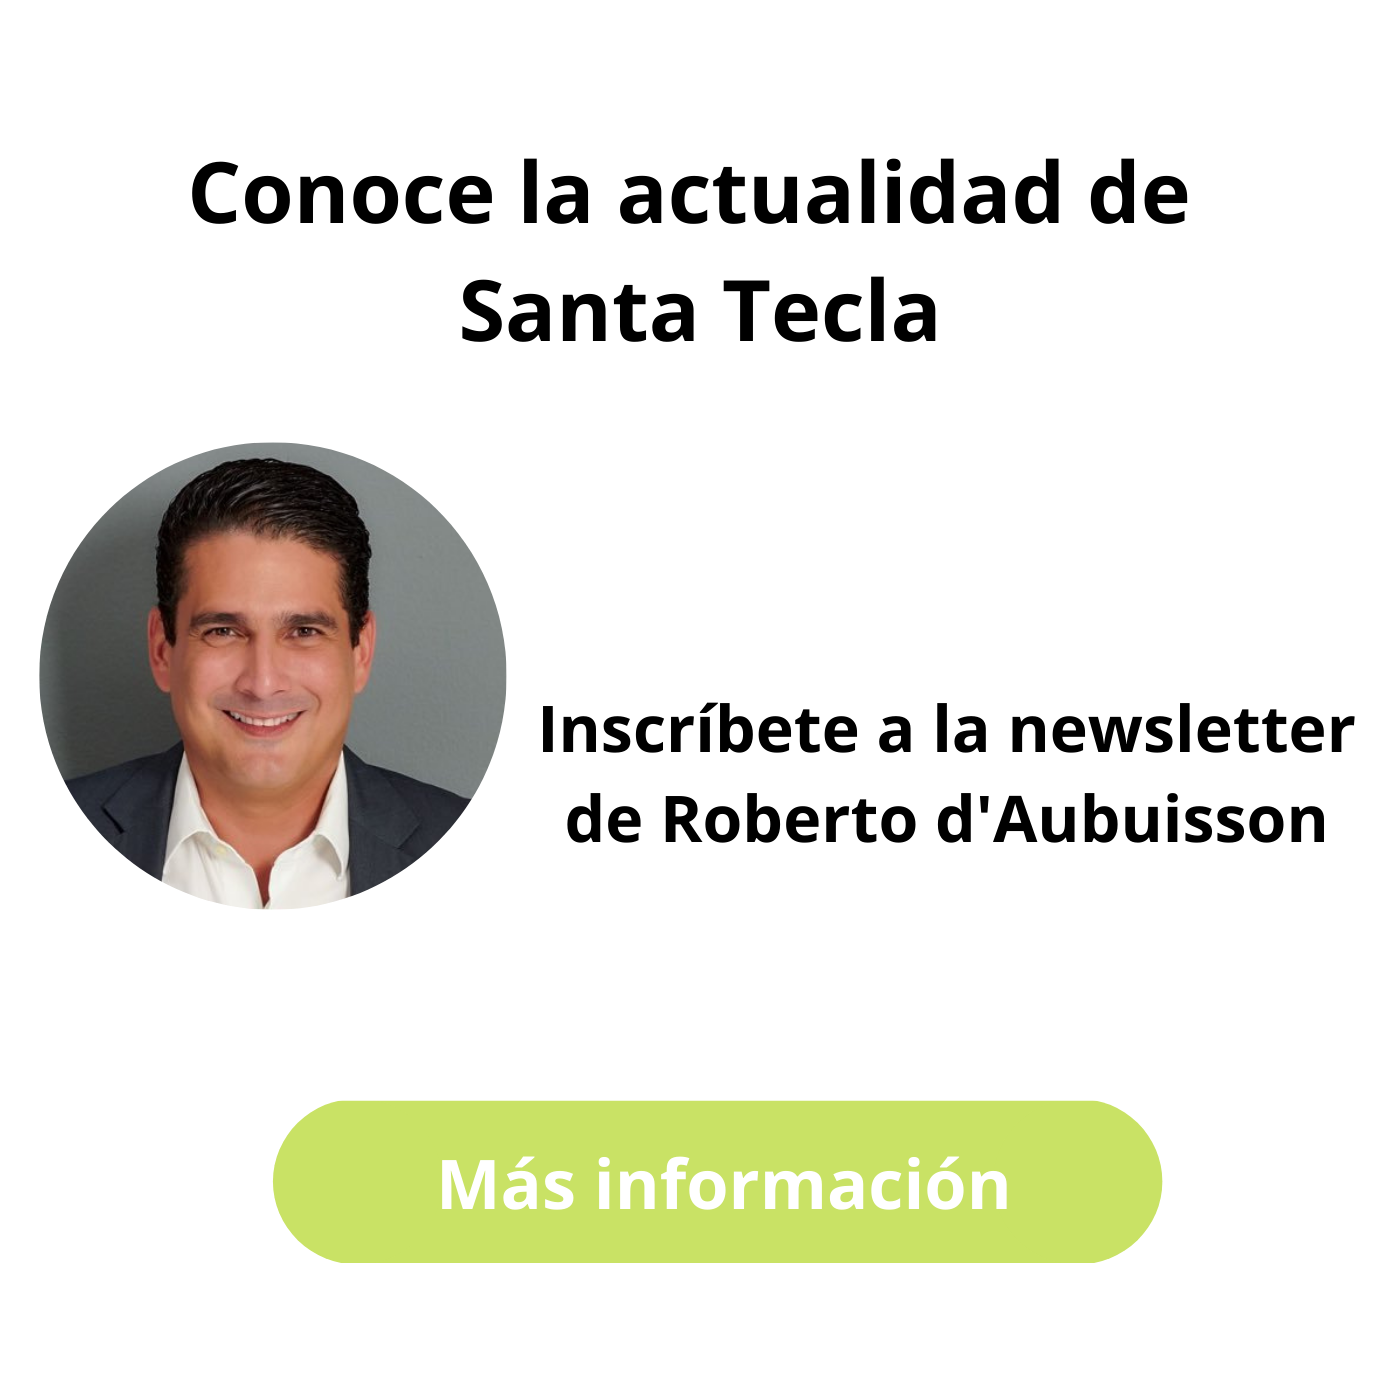 El Bajo Índice De Desapariciones En Santa Tecla. Newsletter. Infografía. Roberto d'Aubuisson. 2021